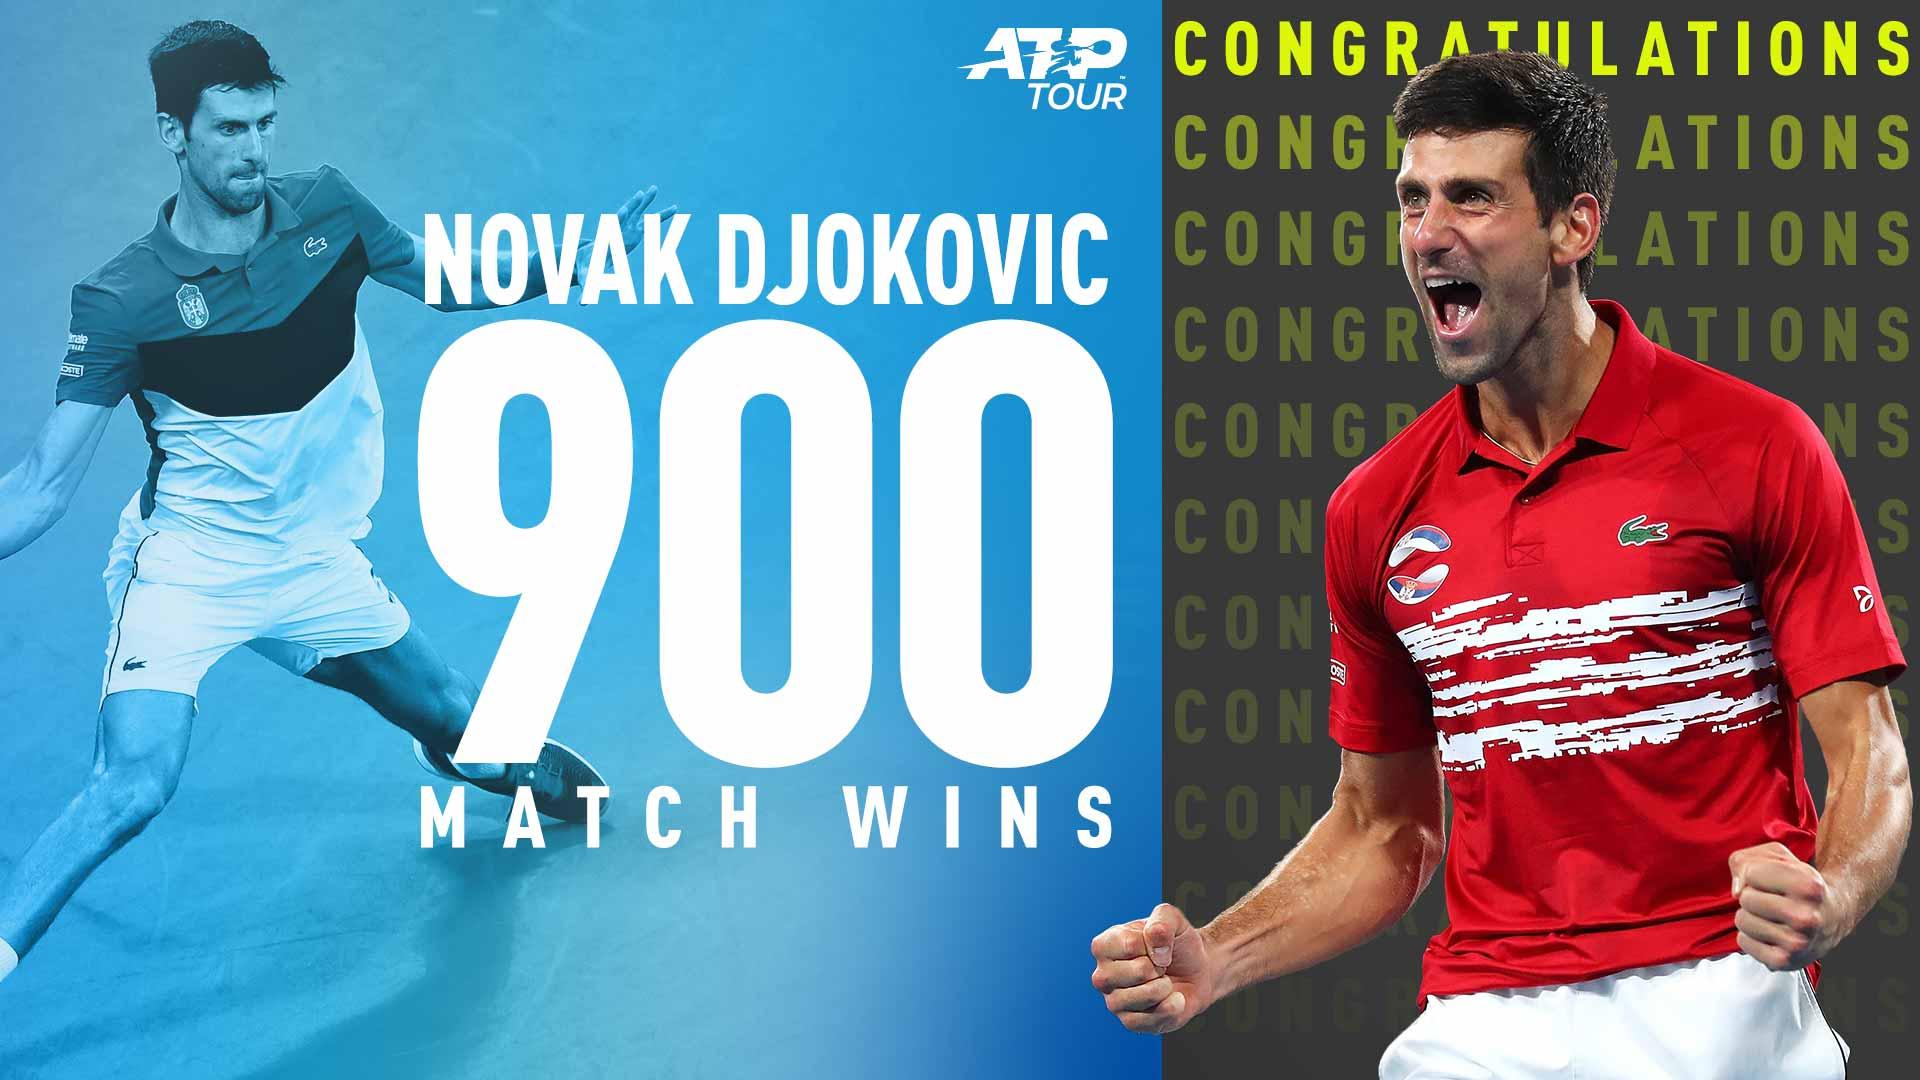 Atp Tour Tribute Novak Djokovic Reaches 900 Match Wins Atp Tour Tennis